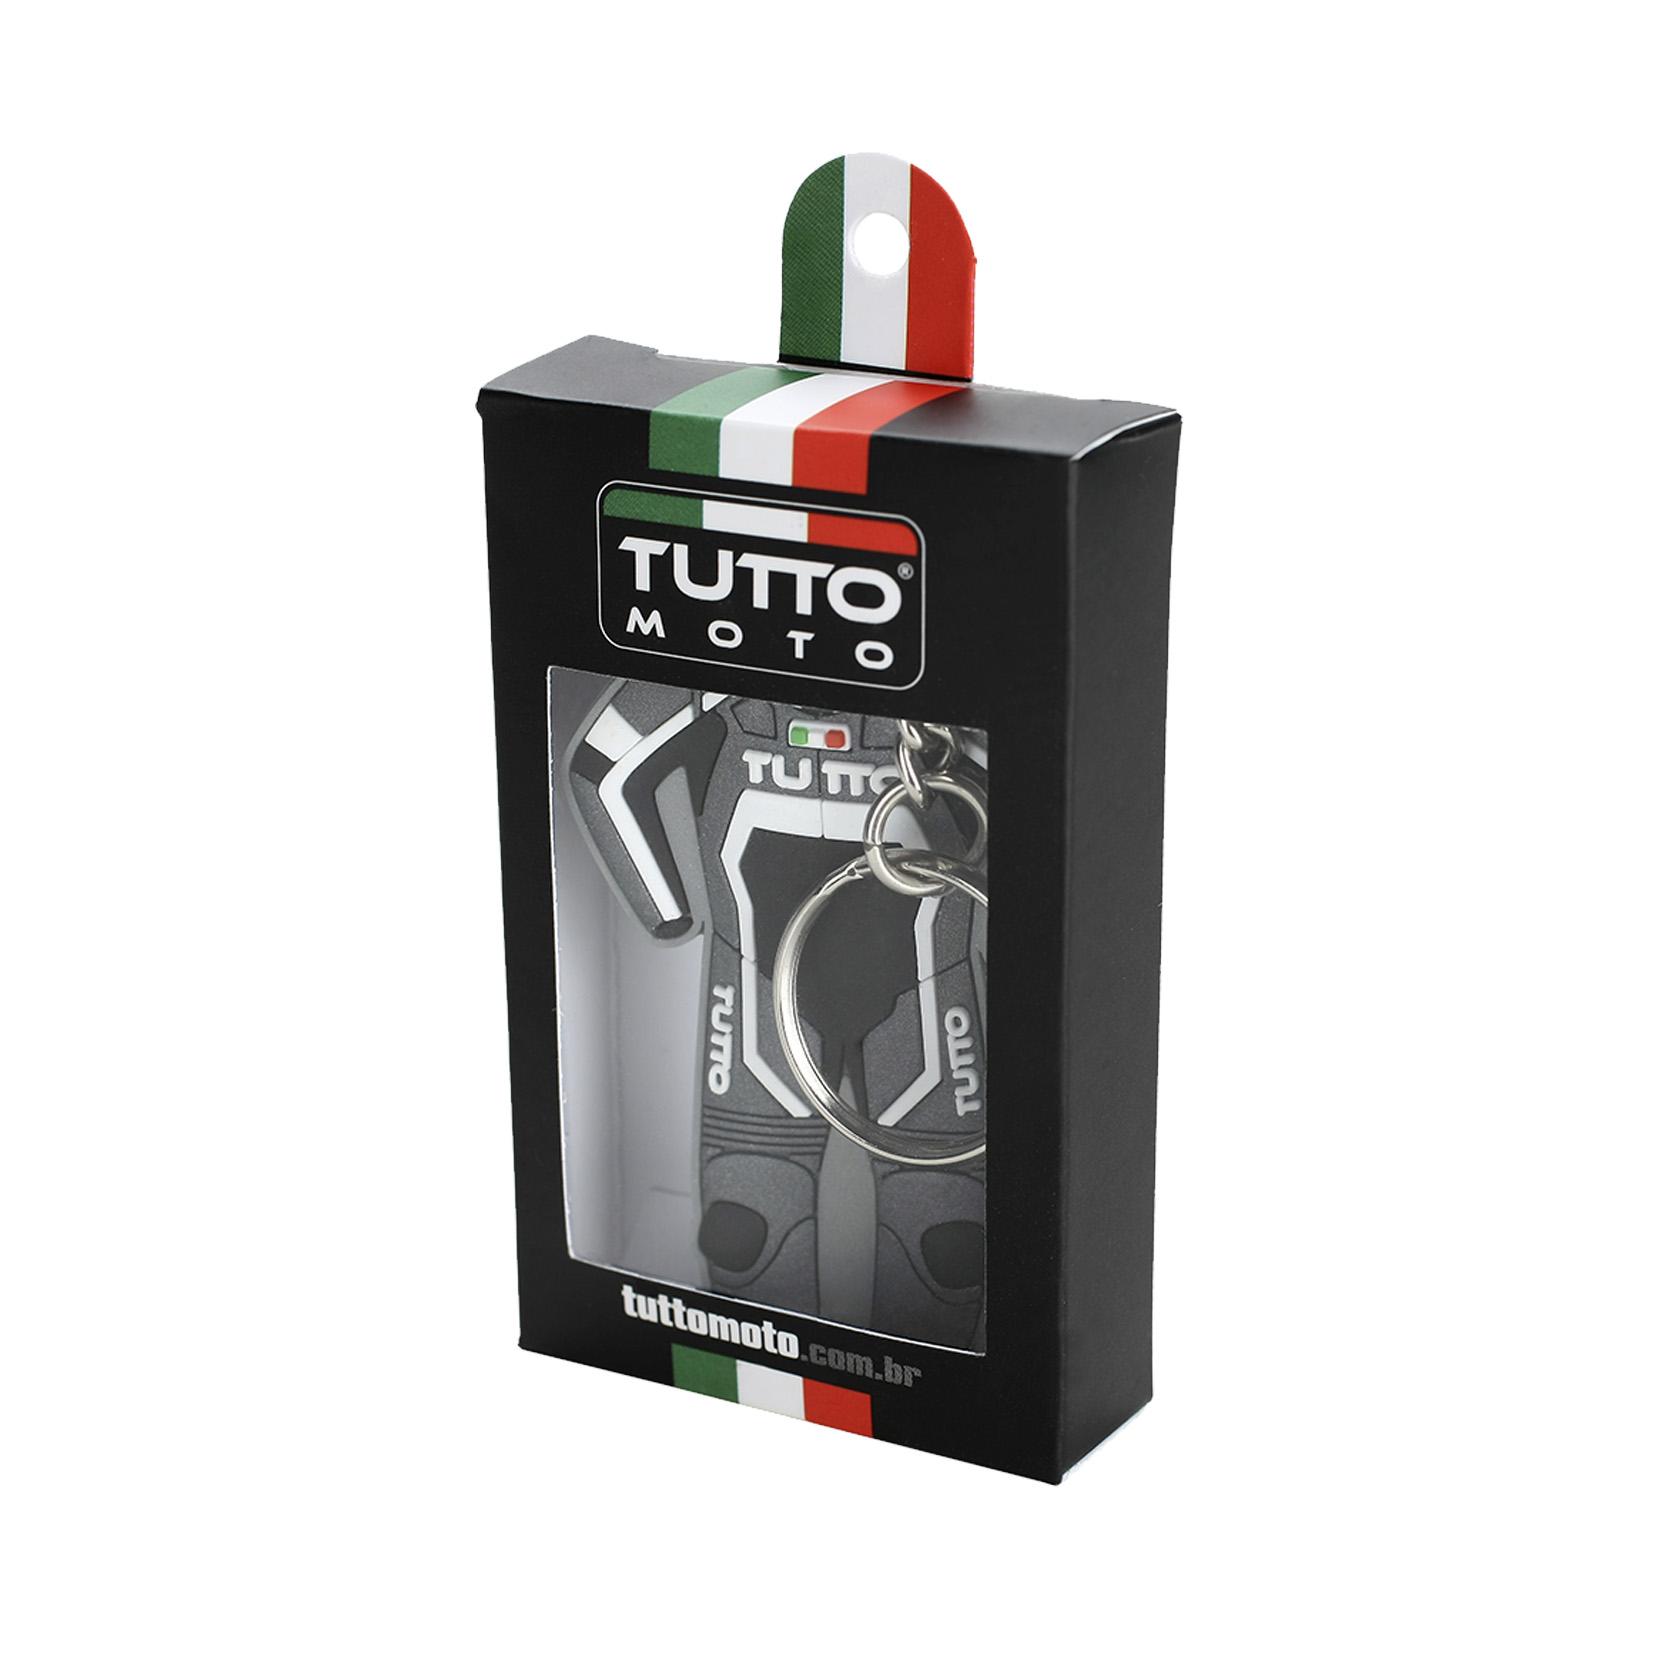 Chaveiro Tutto Macacão Cinza/Branco Queima  - Nova Suzuki Motos e Acessórios